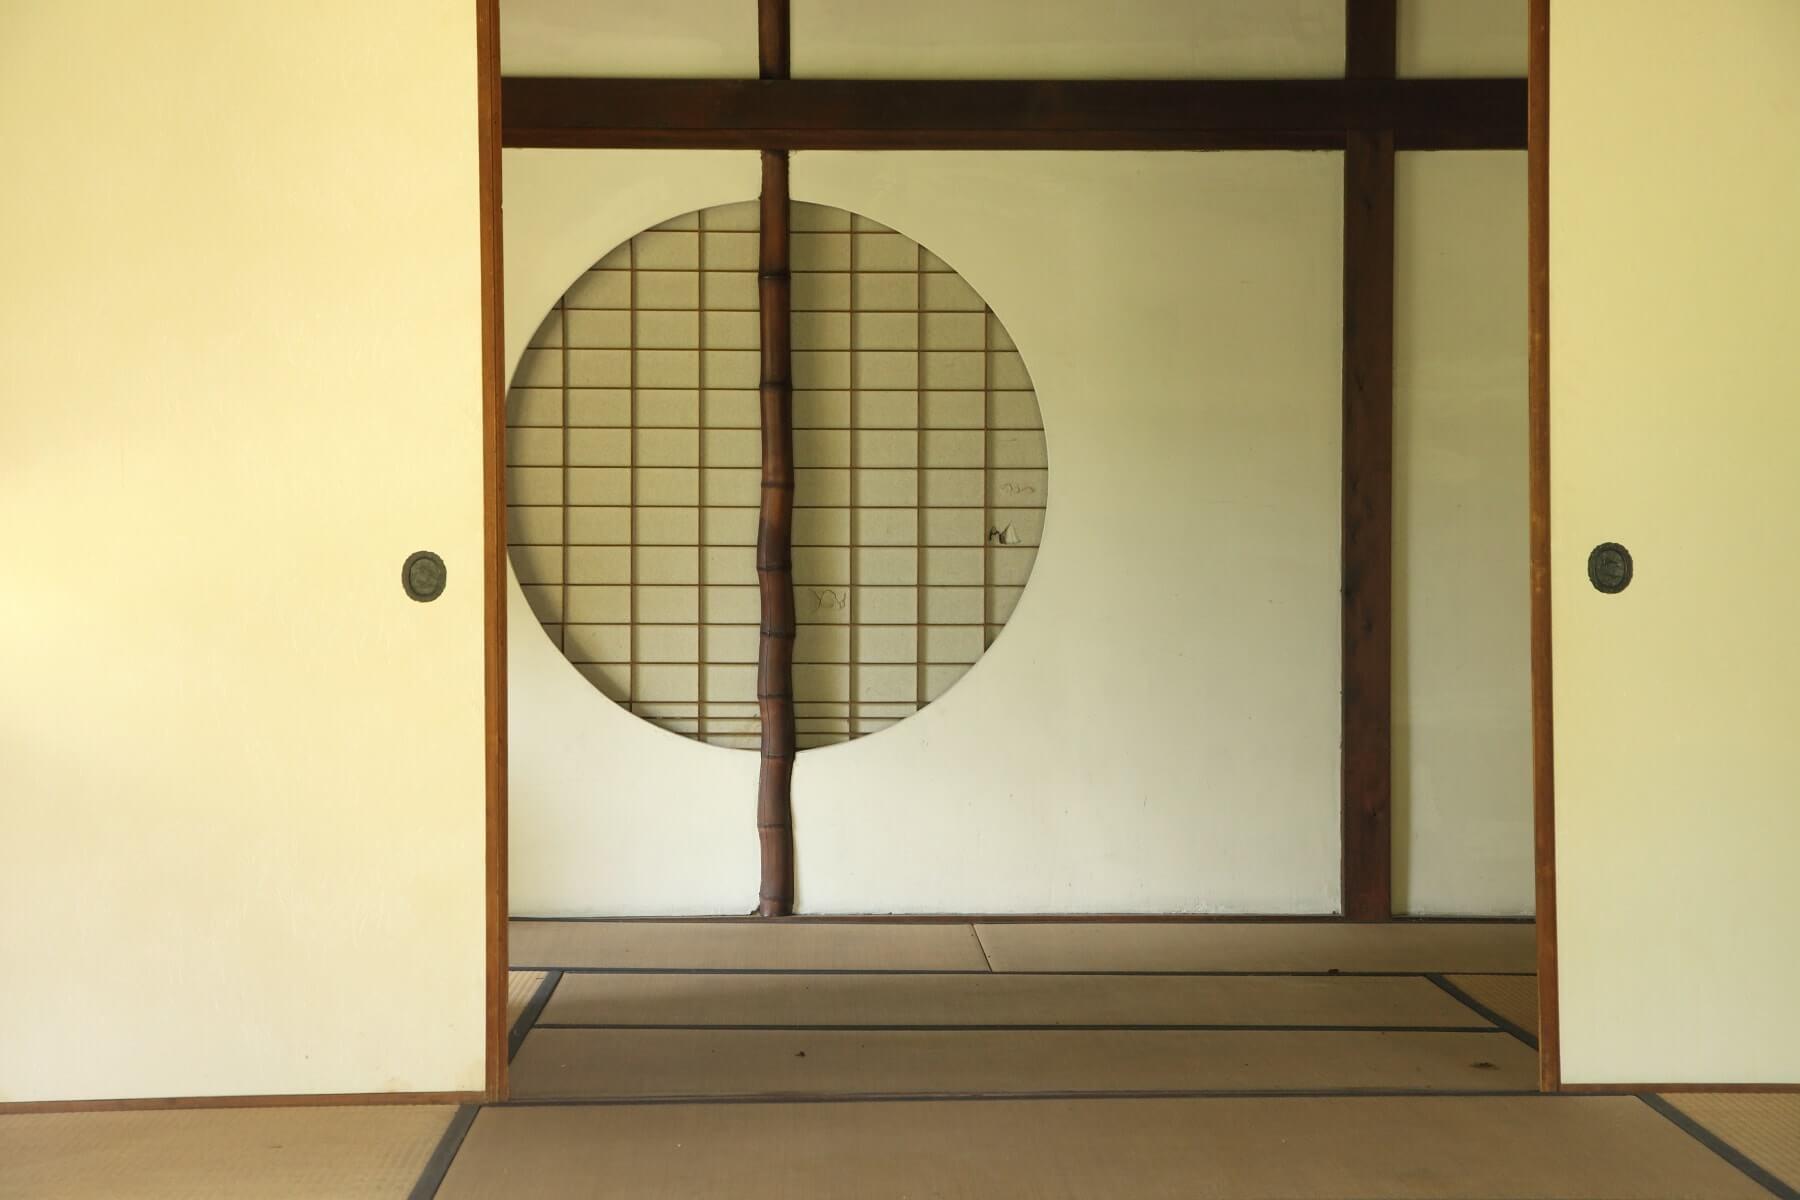 Intérieur traditionnel d'une maison japonaise